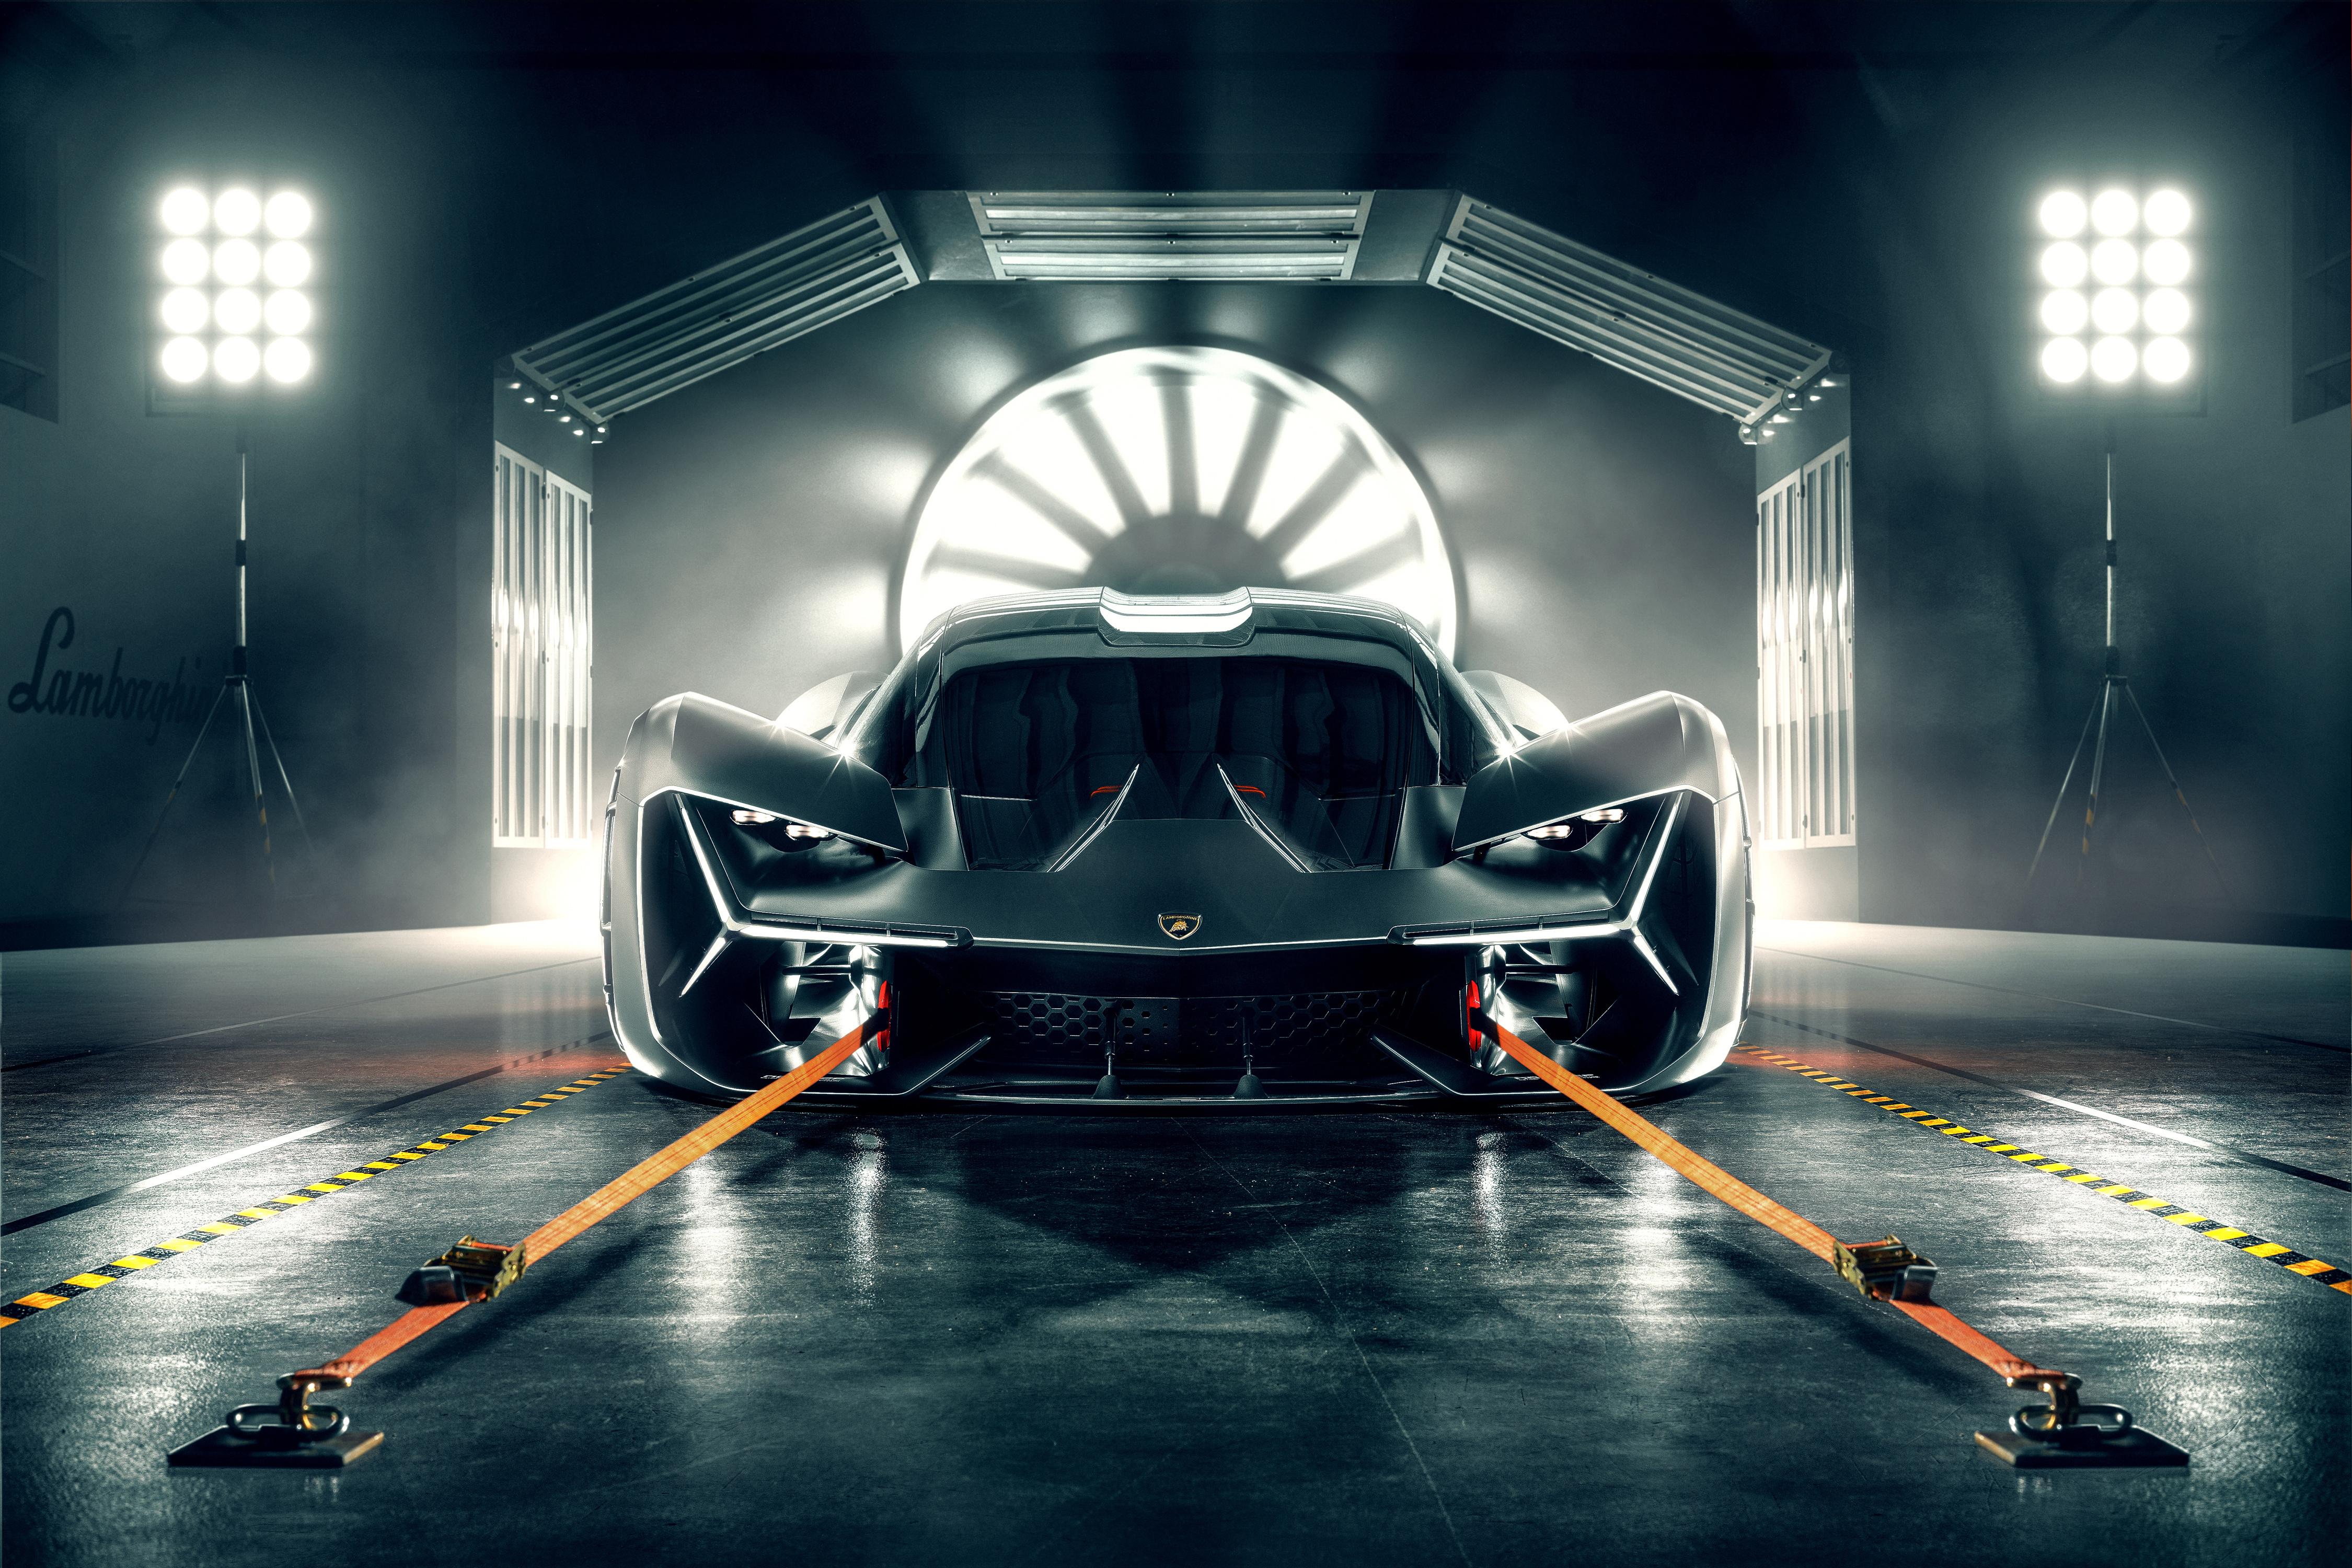 Lamborghini Terzo Millennio 4k Ultra Hd Wallpaper Background Image